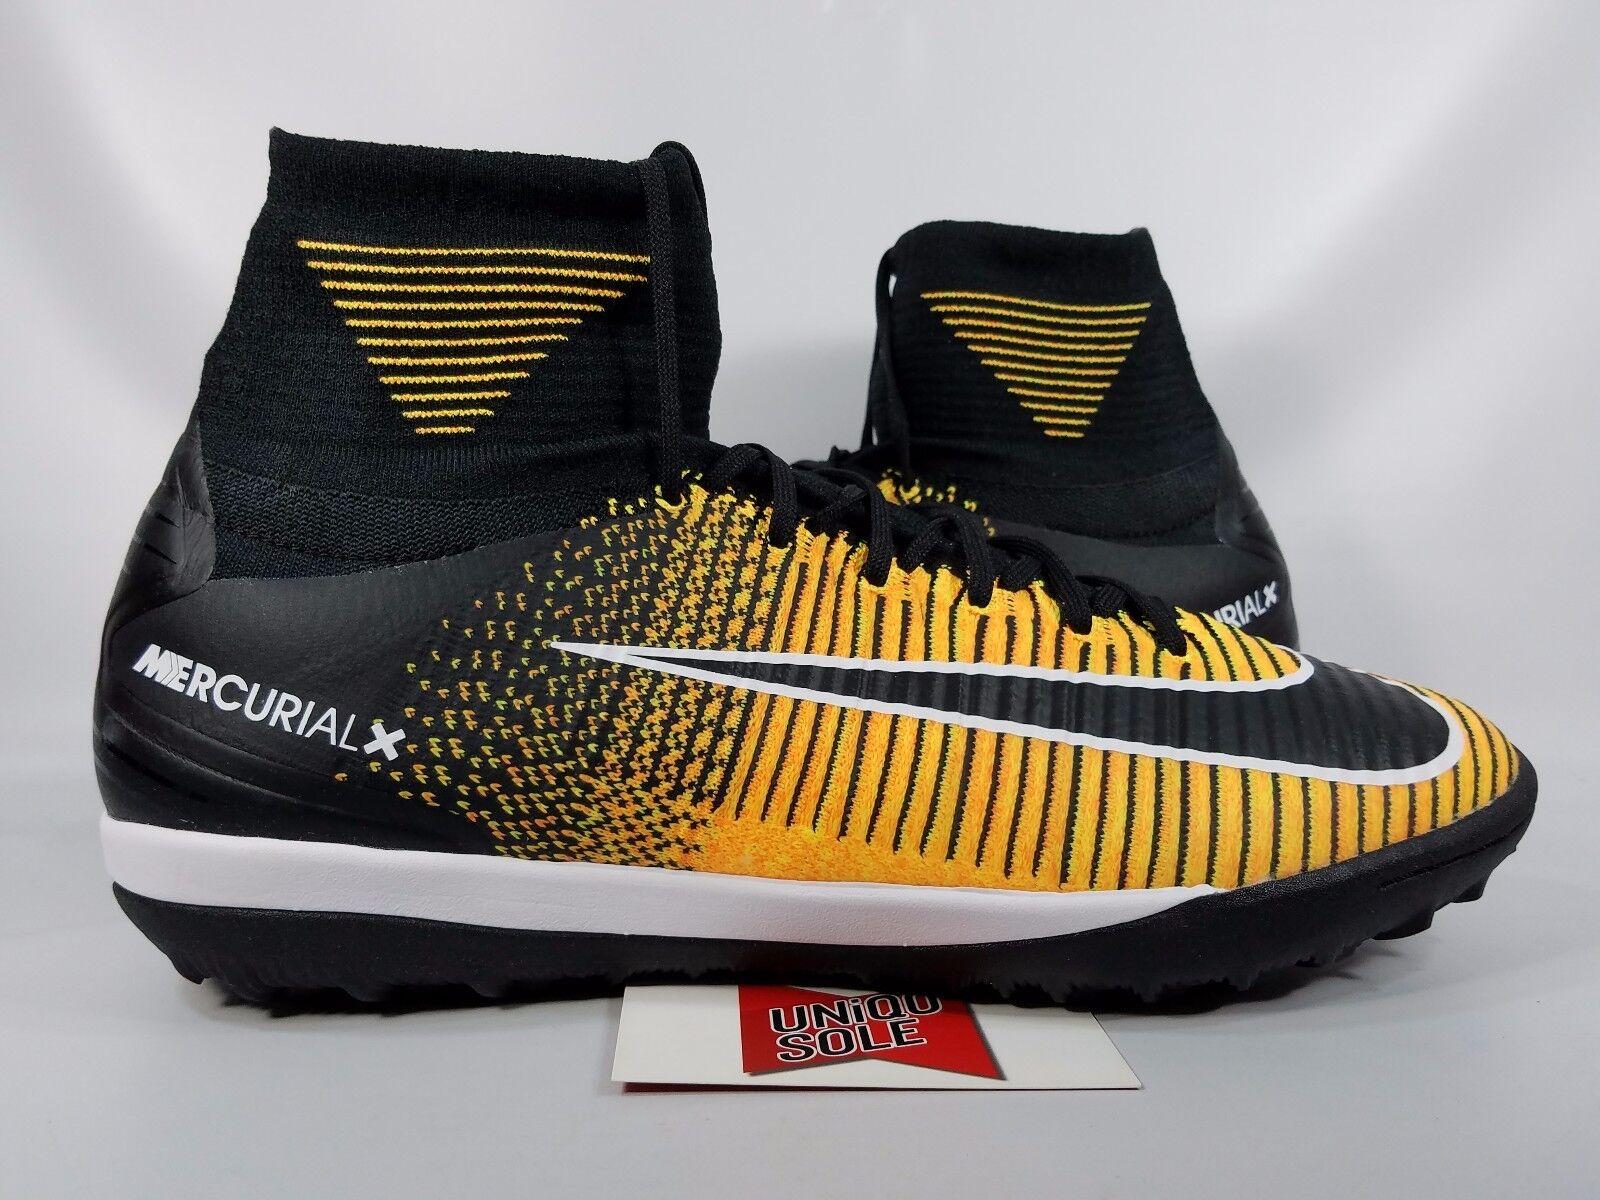 Nike HypervenomX Proximo 831977801 DF TF Láser Naranja Negro II 831977801 Proximo Cornamusa 1027d4